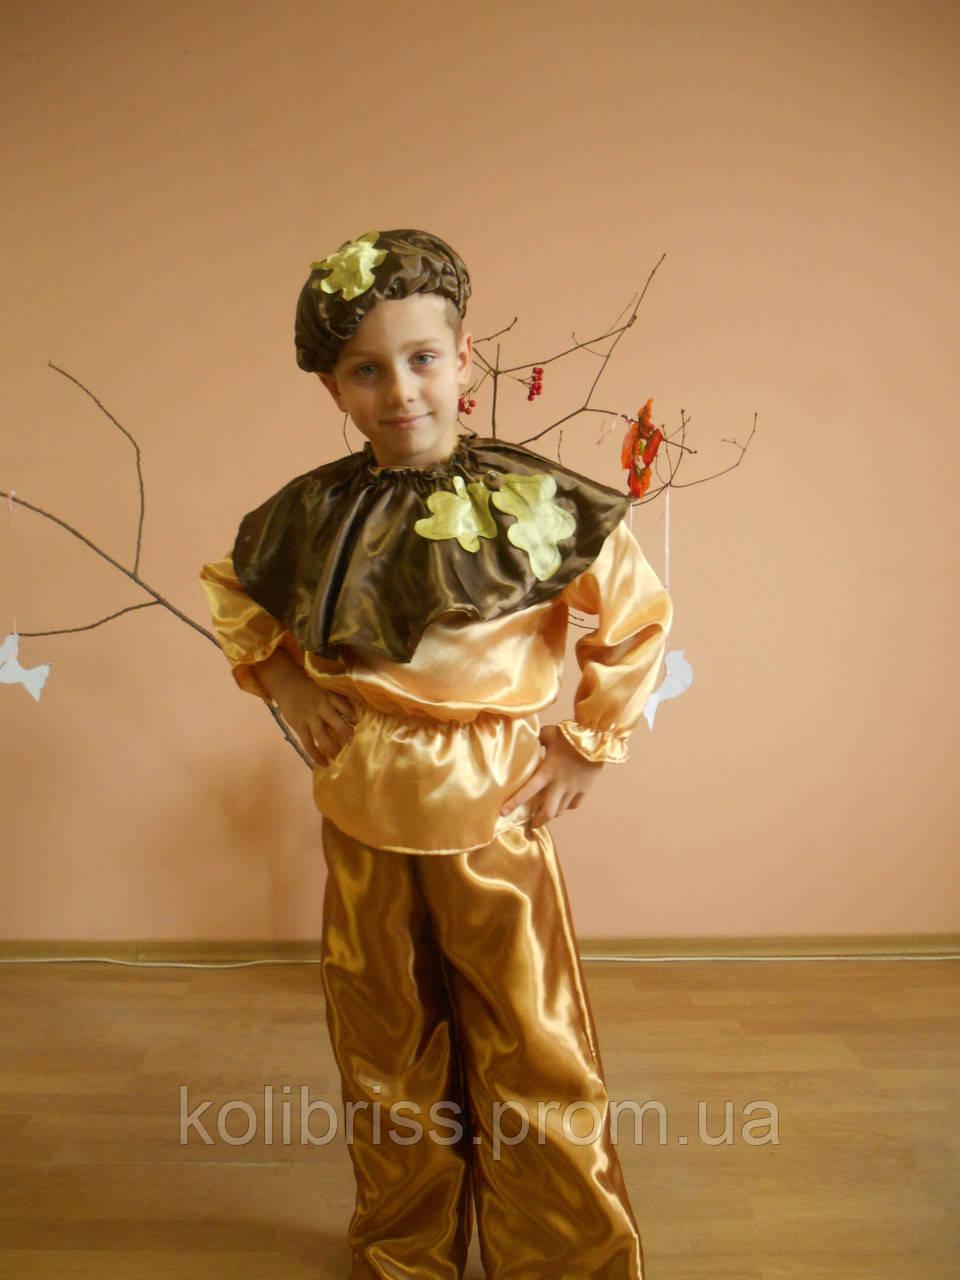 Костюм желудя, костюм желудь прокат Киев